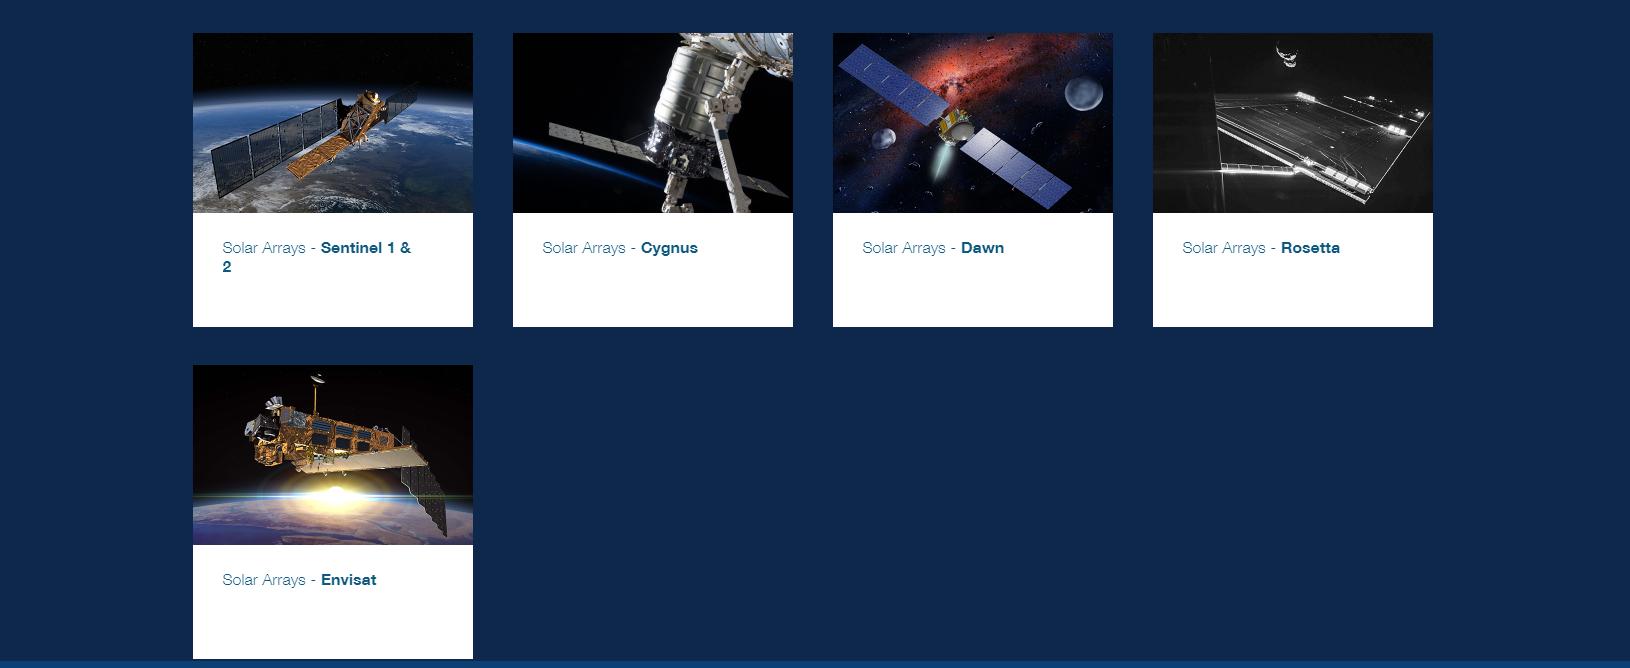 Zonnepanelen van Airbus Defence and Space Netherlands de ruimte in